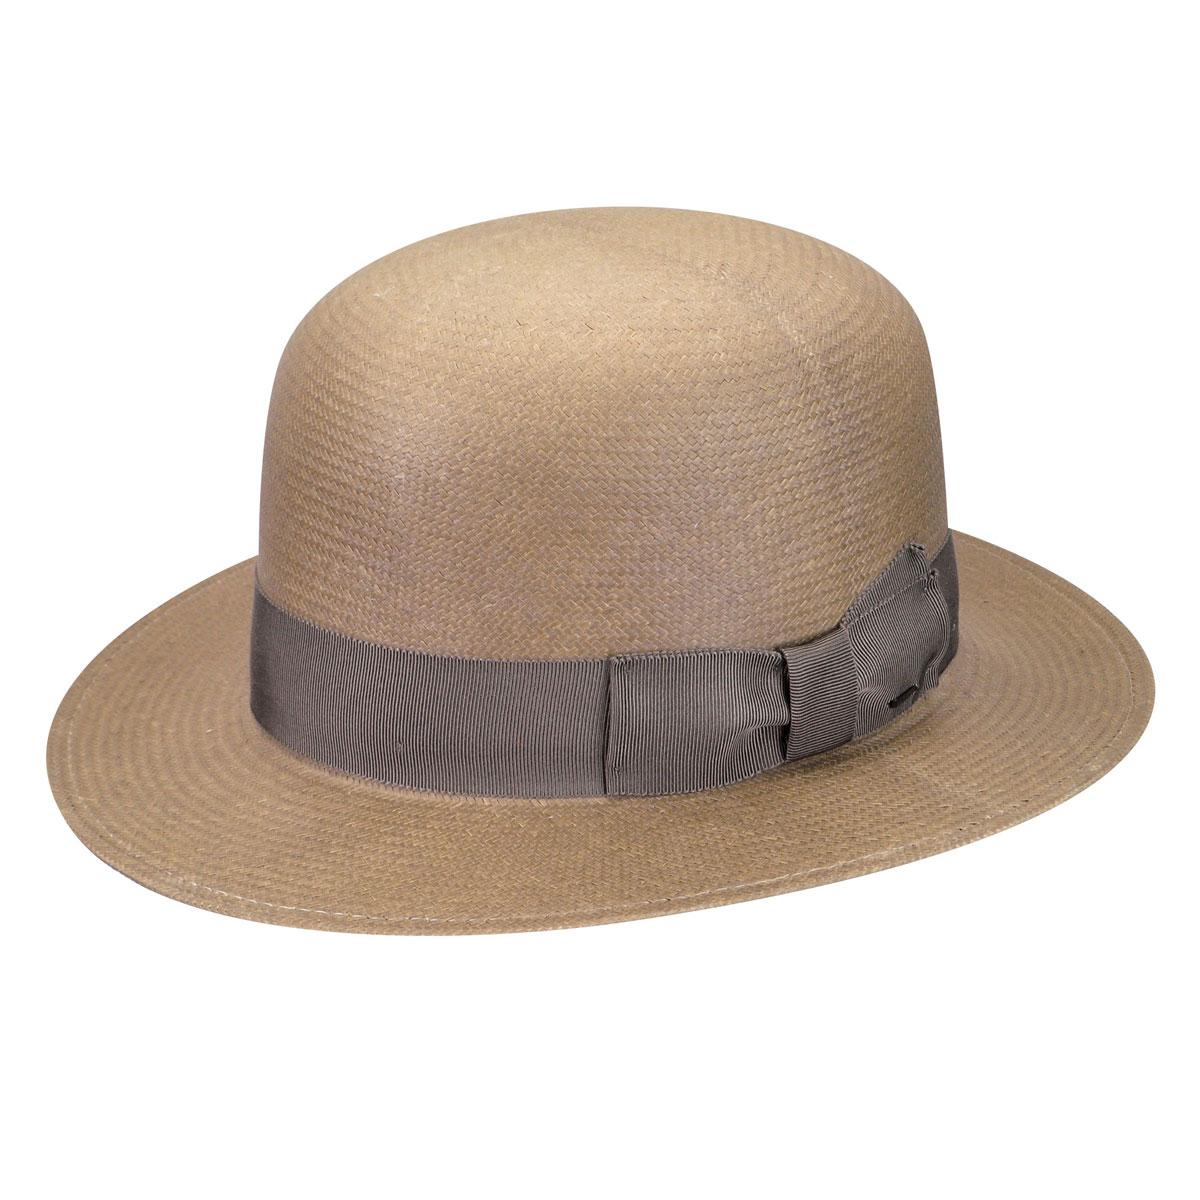 Victorian Men's Hats- Top Hats, Bowler, Gambler Jarvis Derby $118.00 AT vintagedancer.com